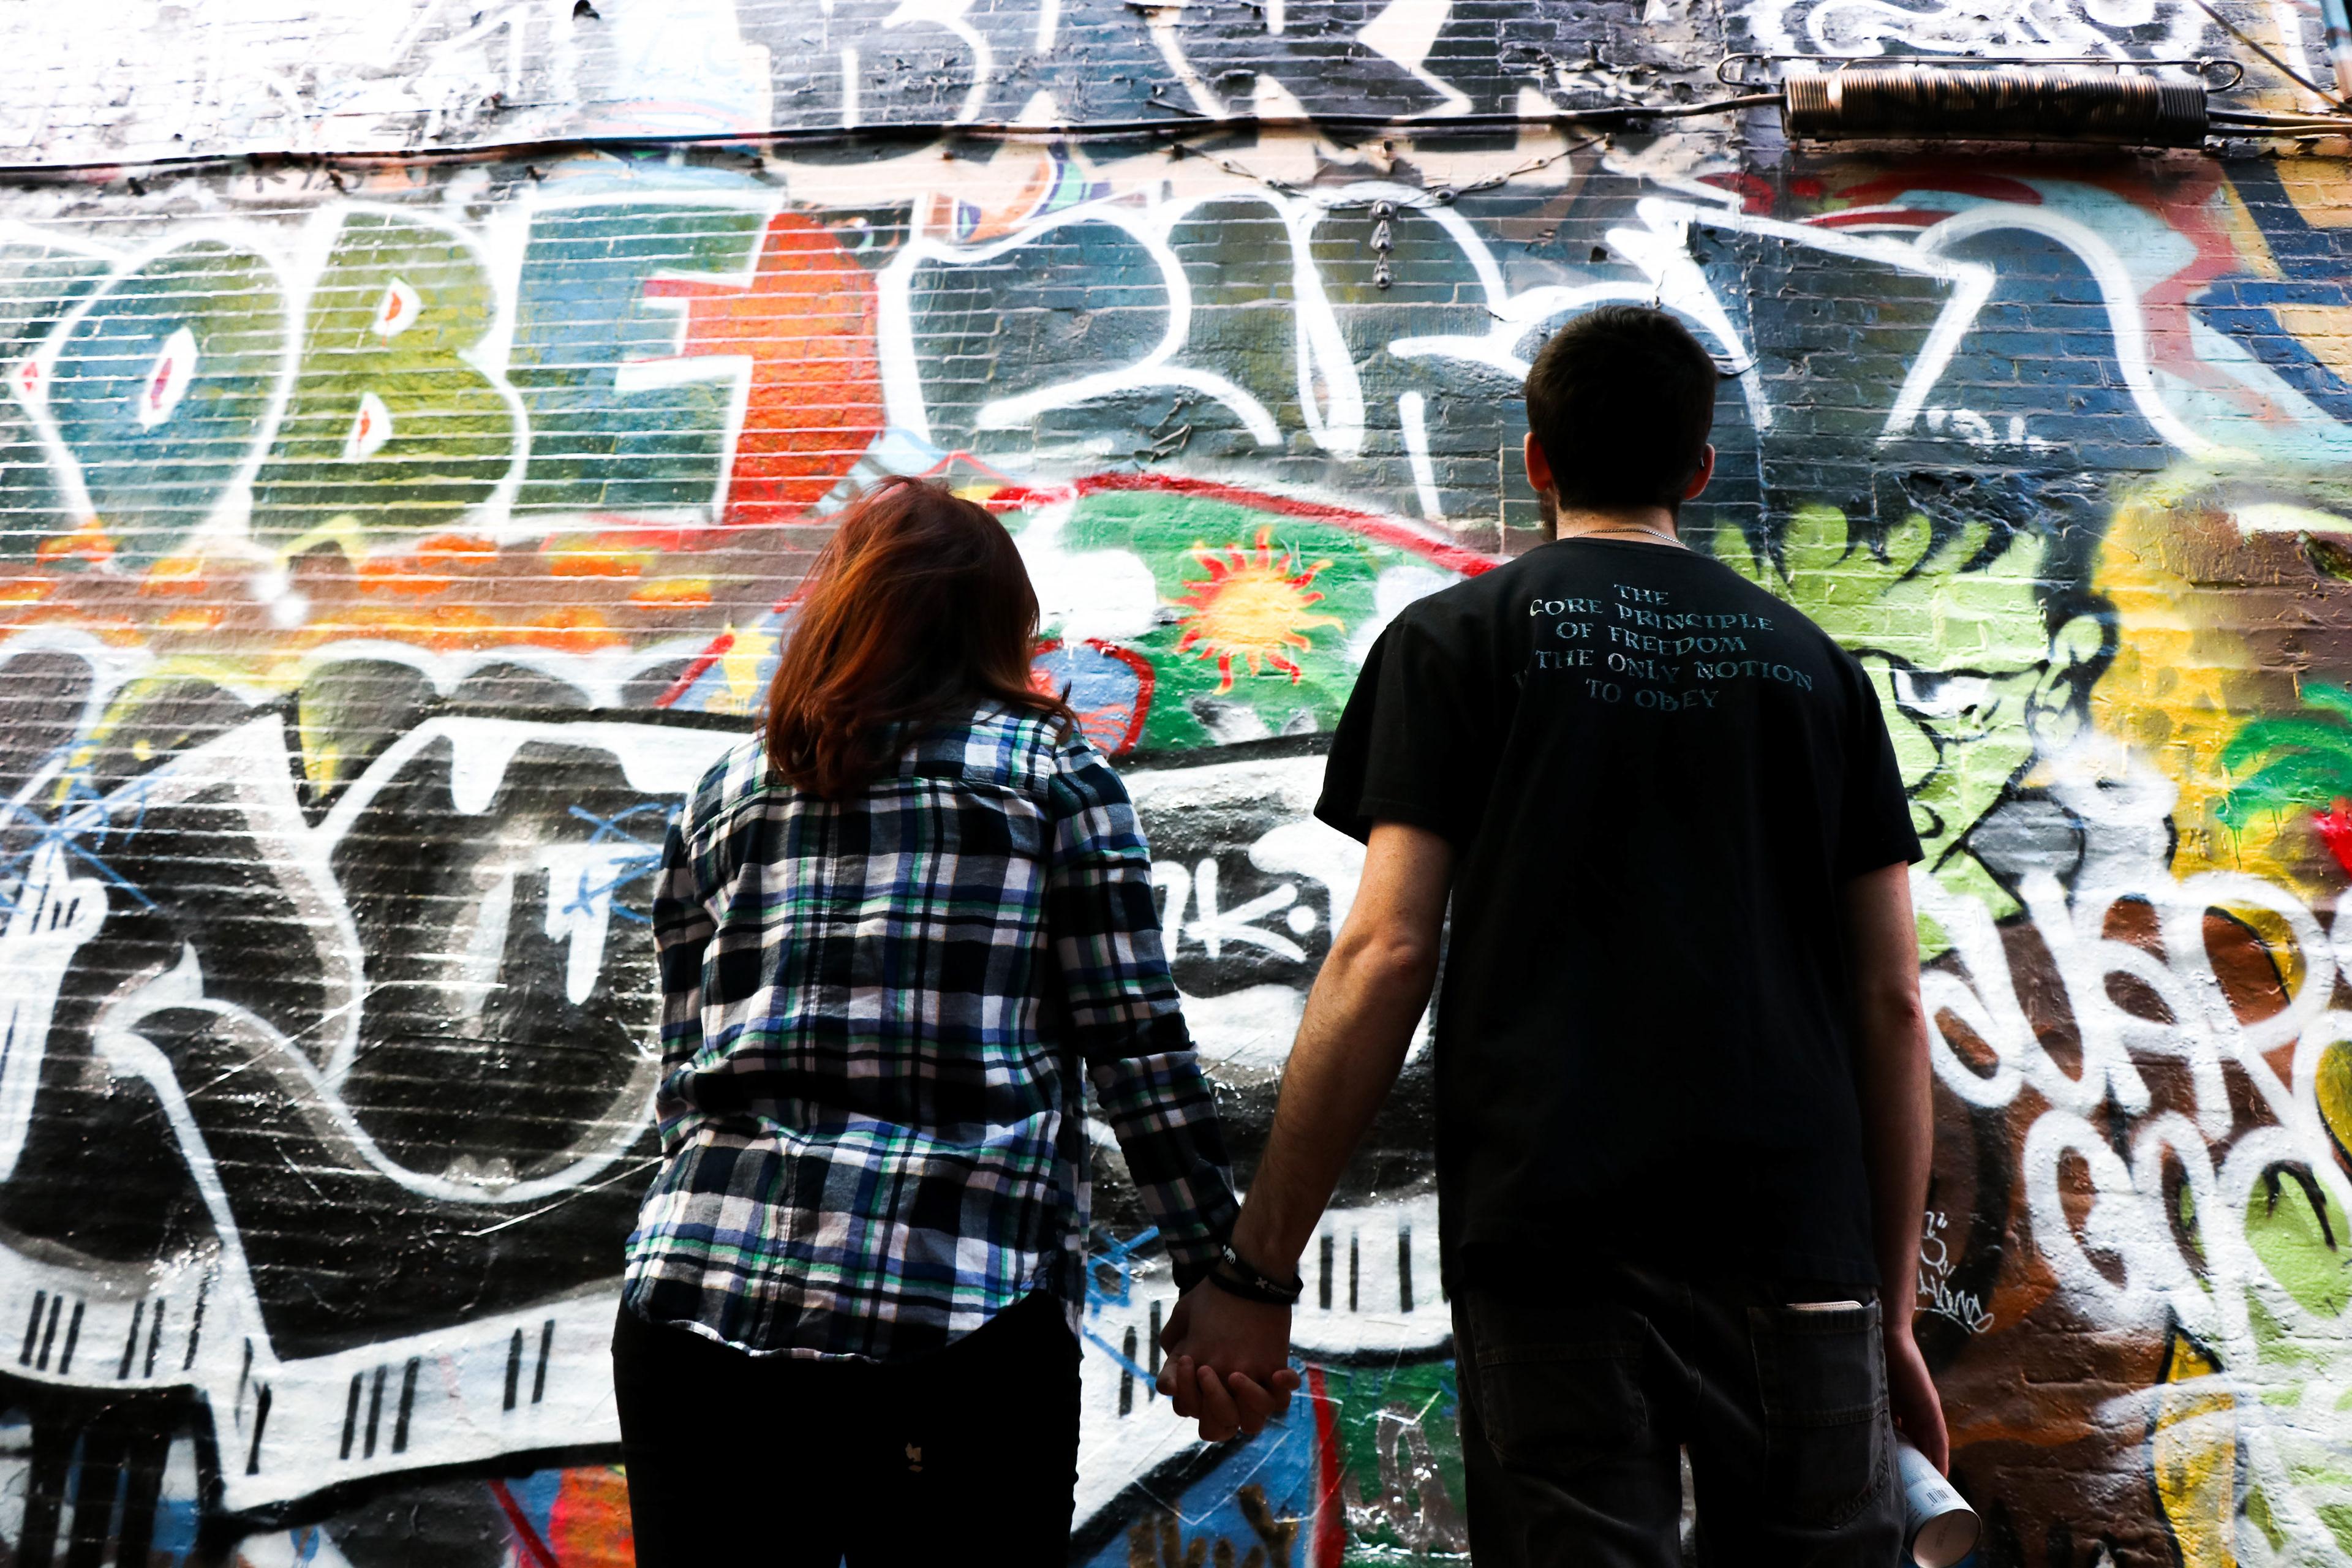 Graffiti wall cambridge ma - Graffiti Alley Cambridge Massachusetts Erin M And Brian C